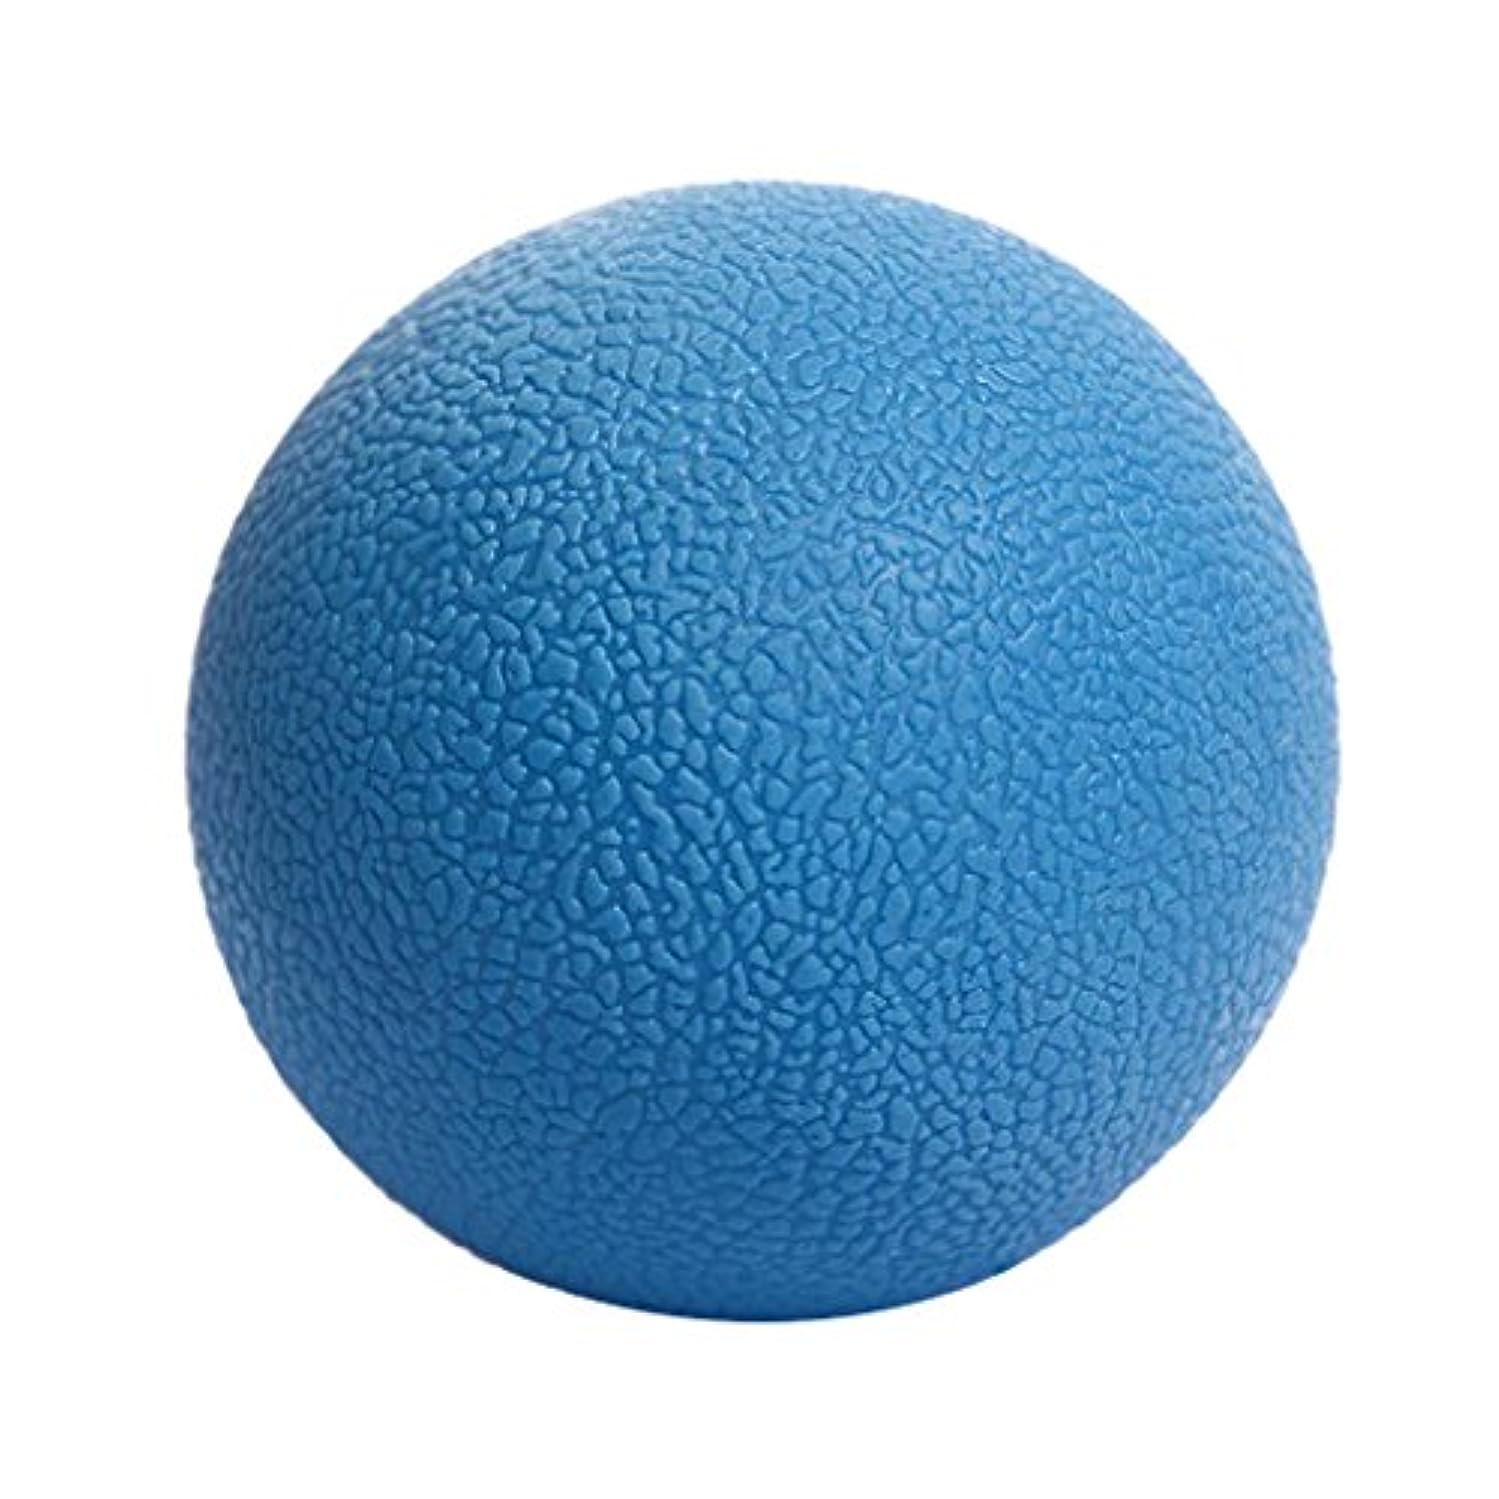 しつけ一元化する洞察力Baoblaze マッサージボール ボディーマッサージ 便利 TPE ヨガ ピラティス 4色選べる - 青